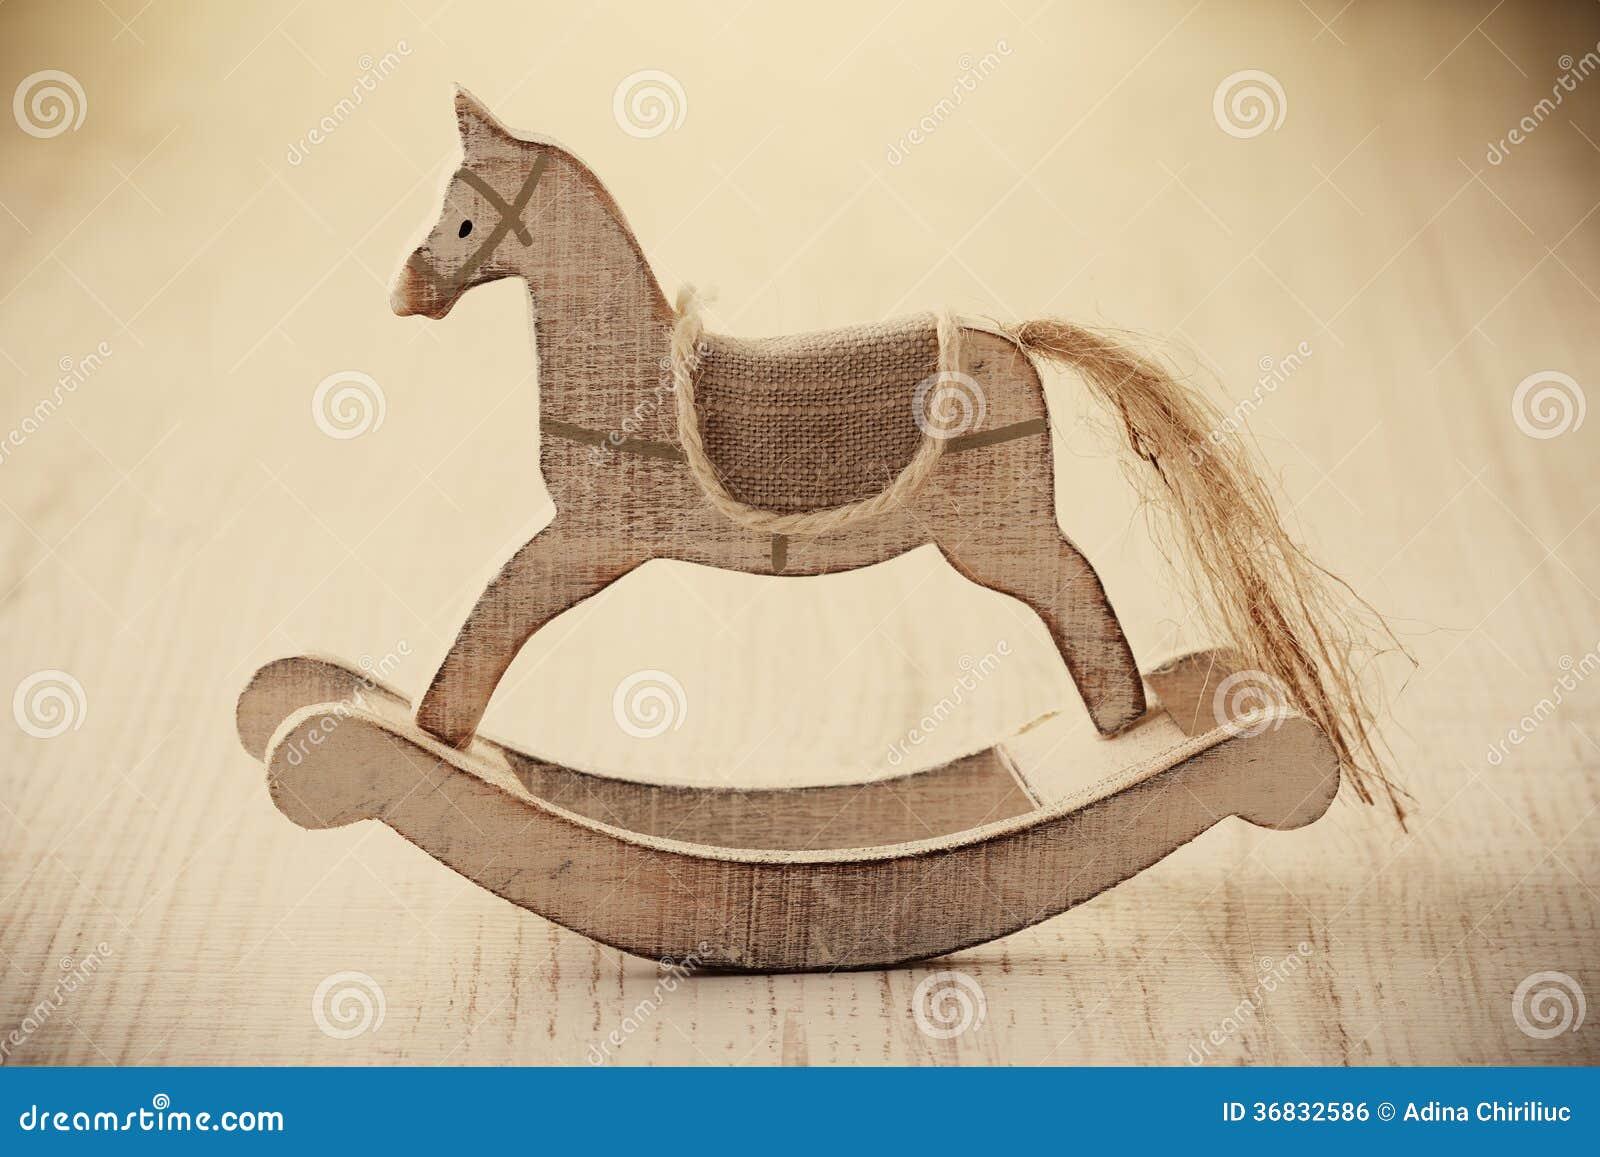 Cavallo Di Legno Giocattolo.Giocattolo Di Legno Del Cavallo Fotografia Stock Immagine Di Sole